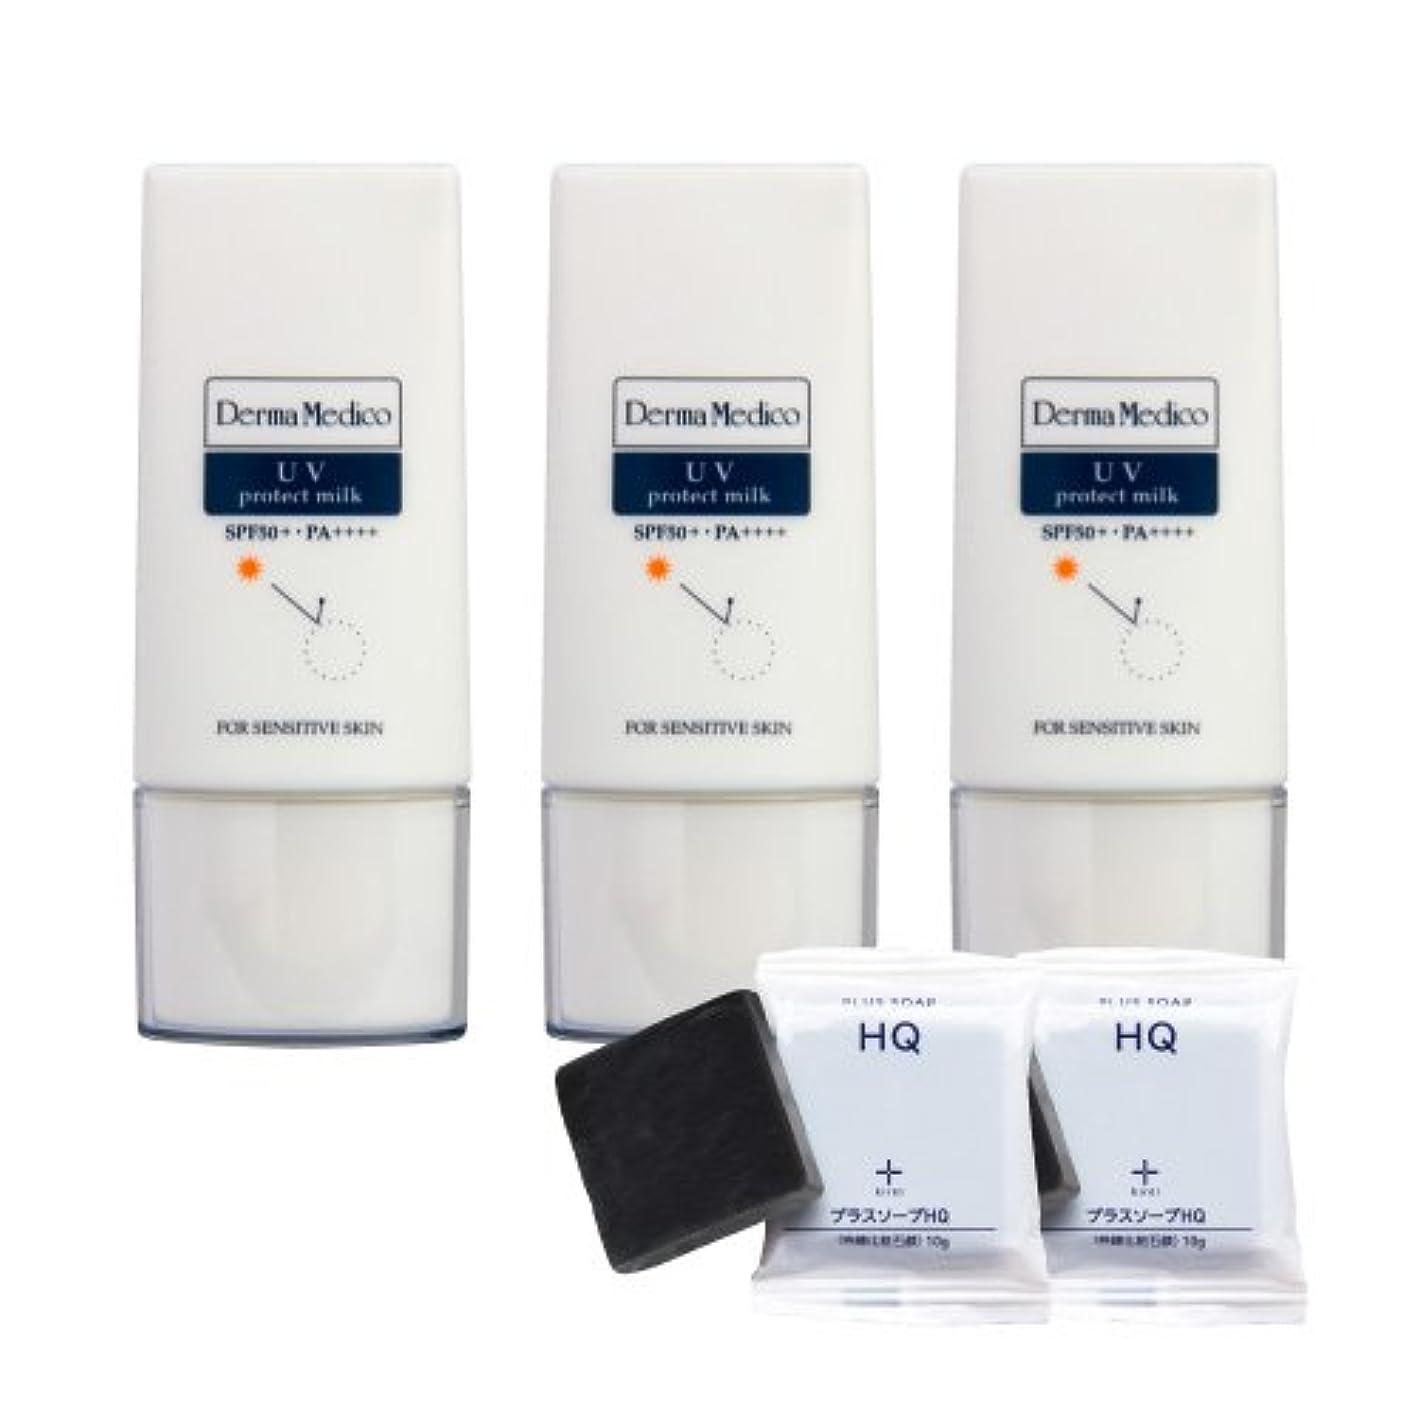 観点プレゼントブルームダーマメディコ UVプロテクトミルク SPF50+ PA++++ (3個+ミニソープ2個セット)